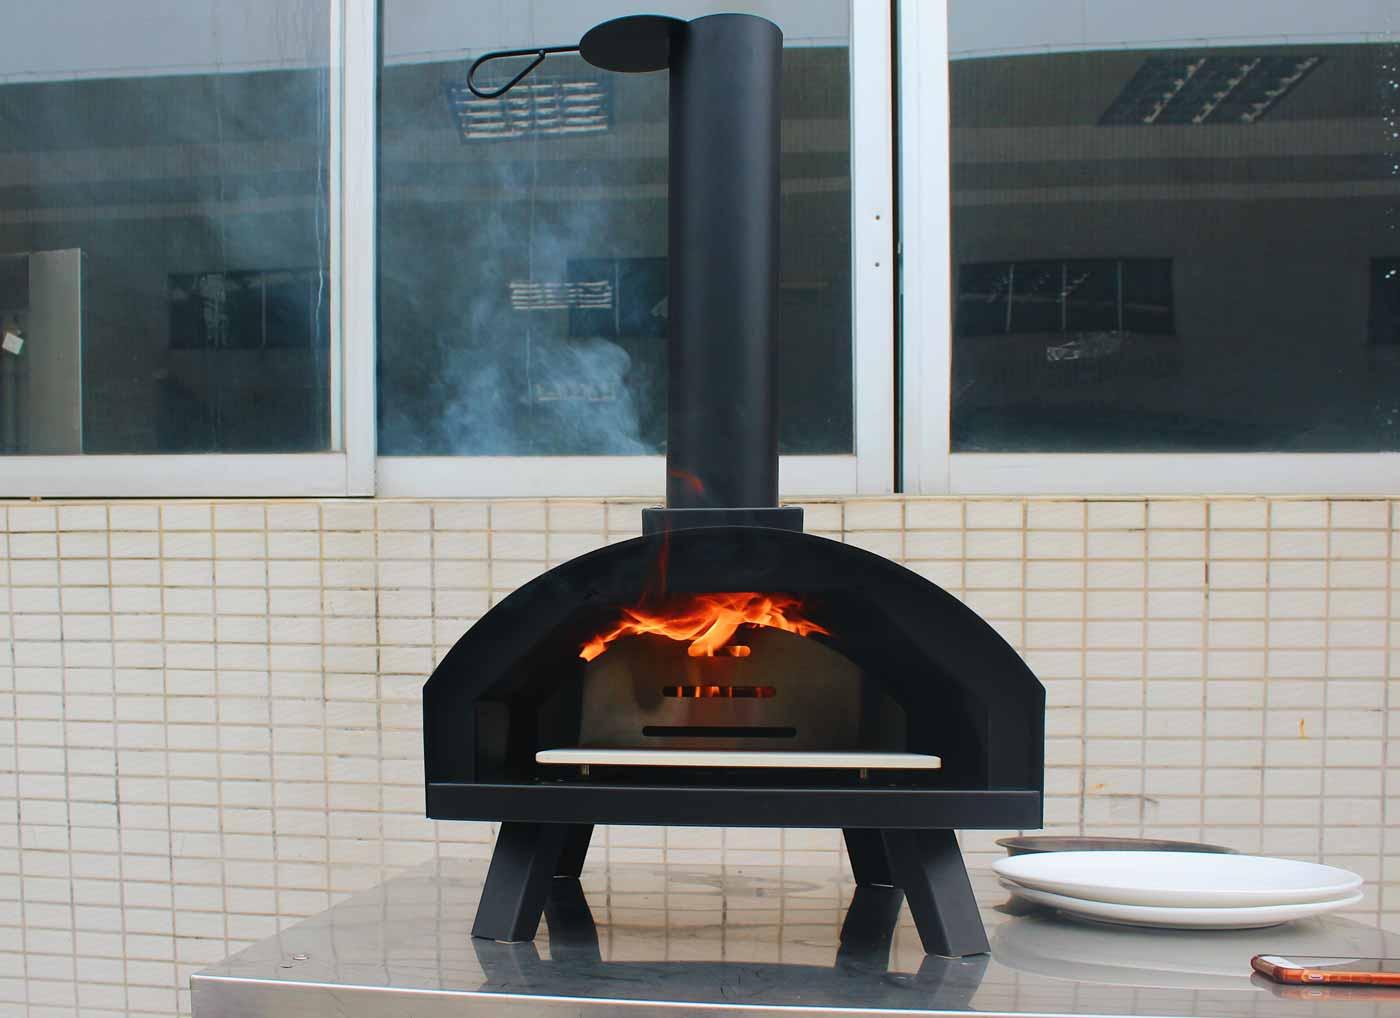 Beste og billigste vedfyrt pizzaovn